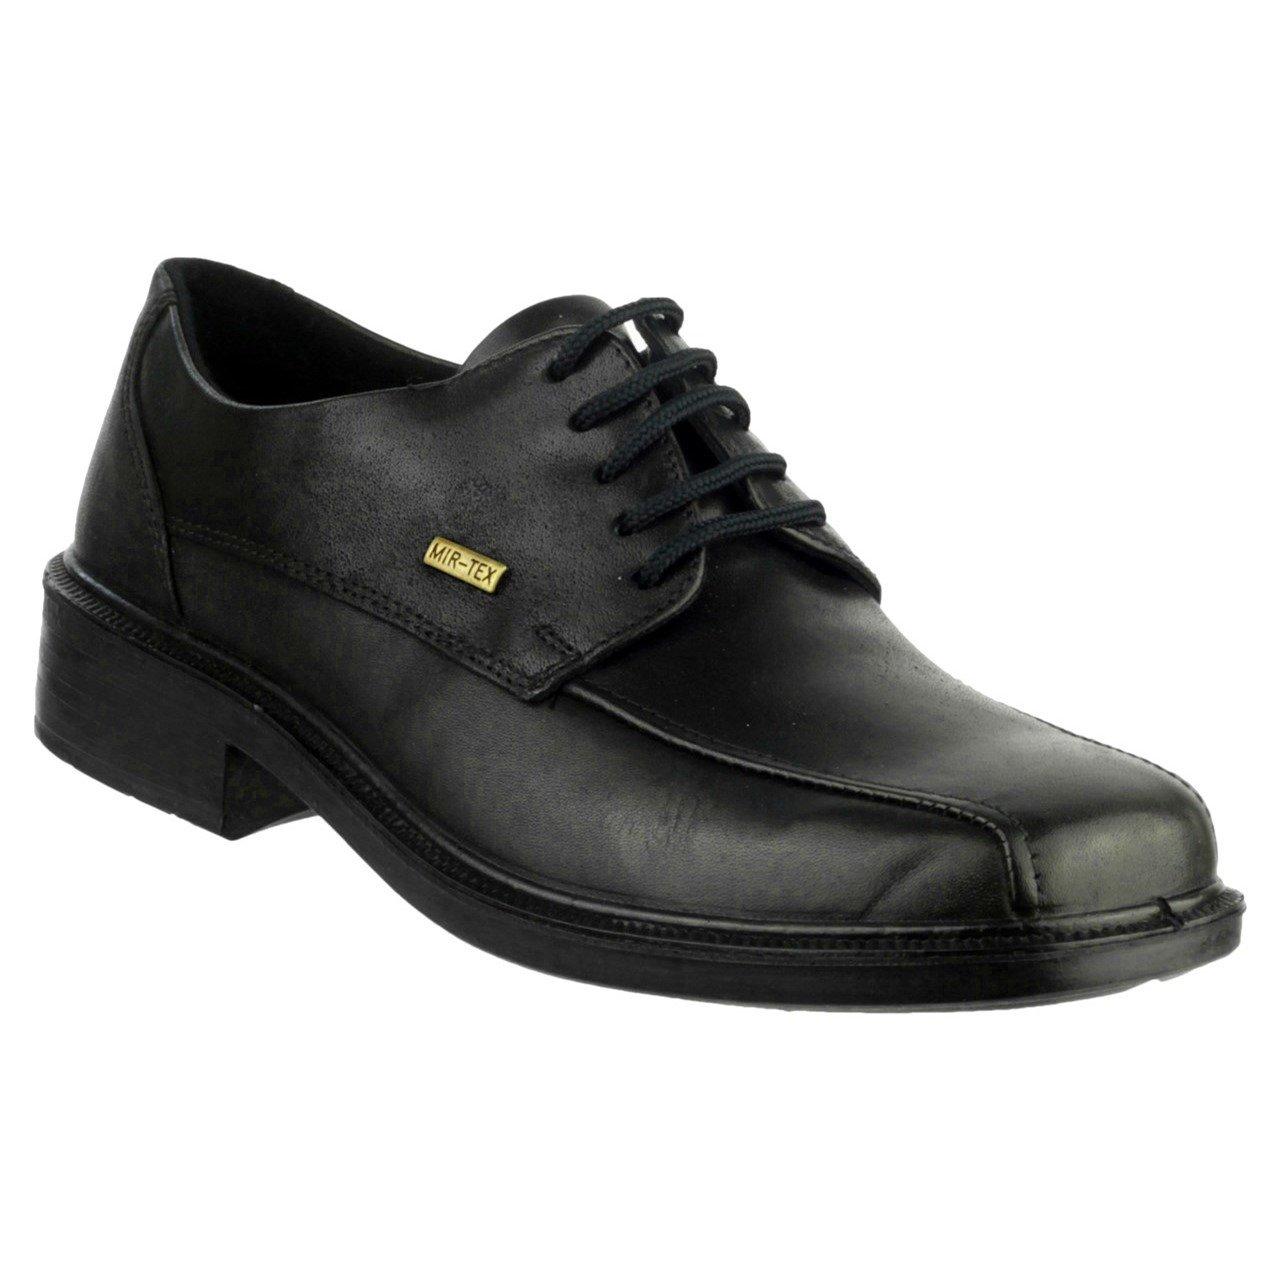 Cotswold Men's Stonehouse Waterproof Shoe Various Colours 32971 - Black 6